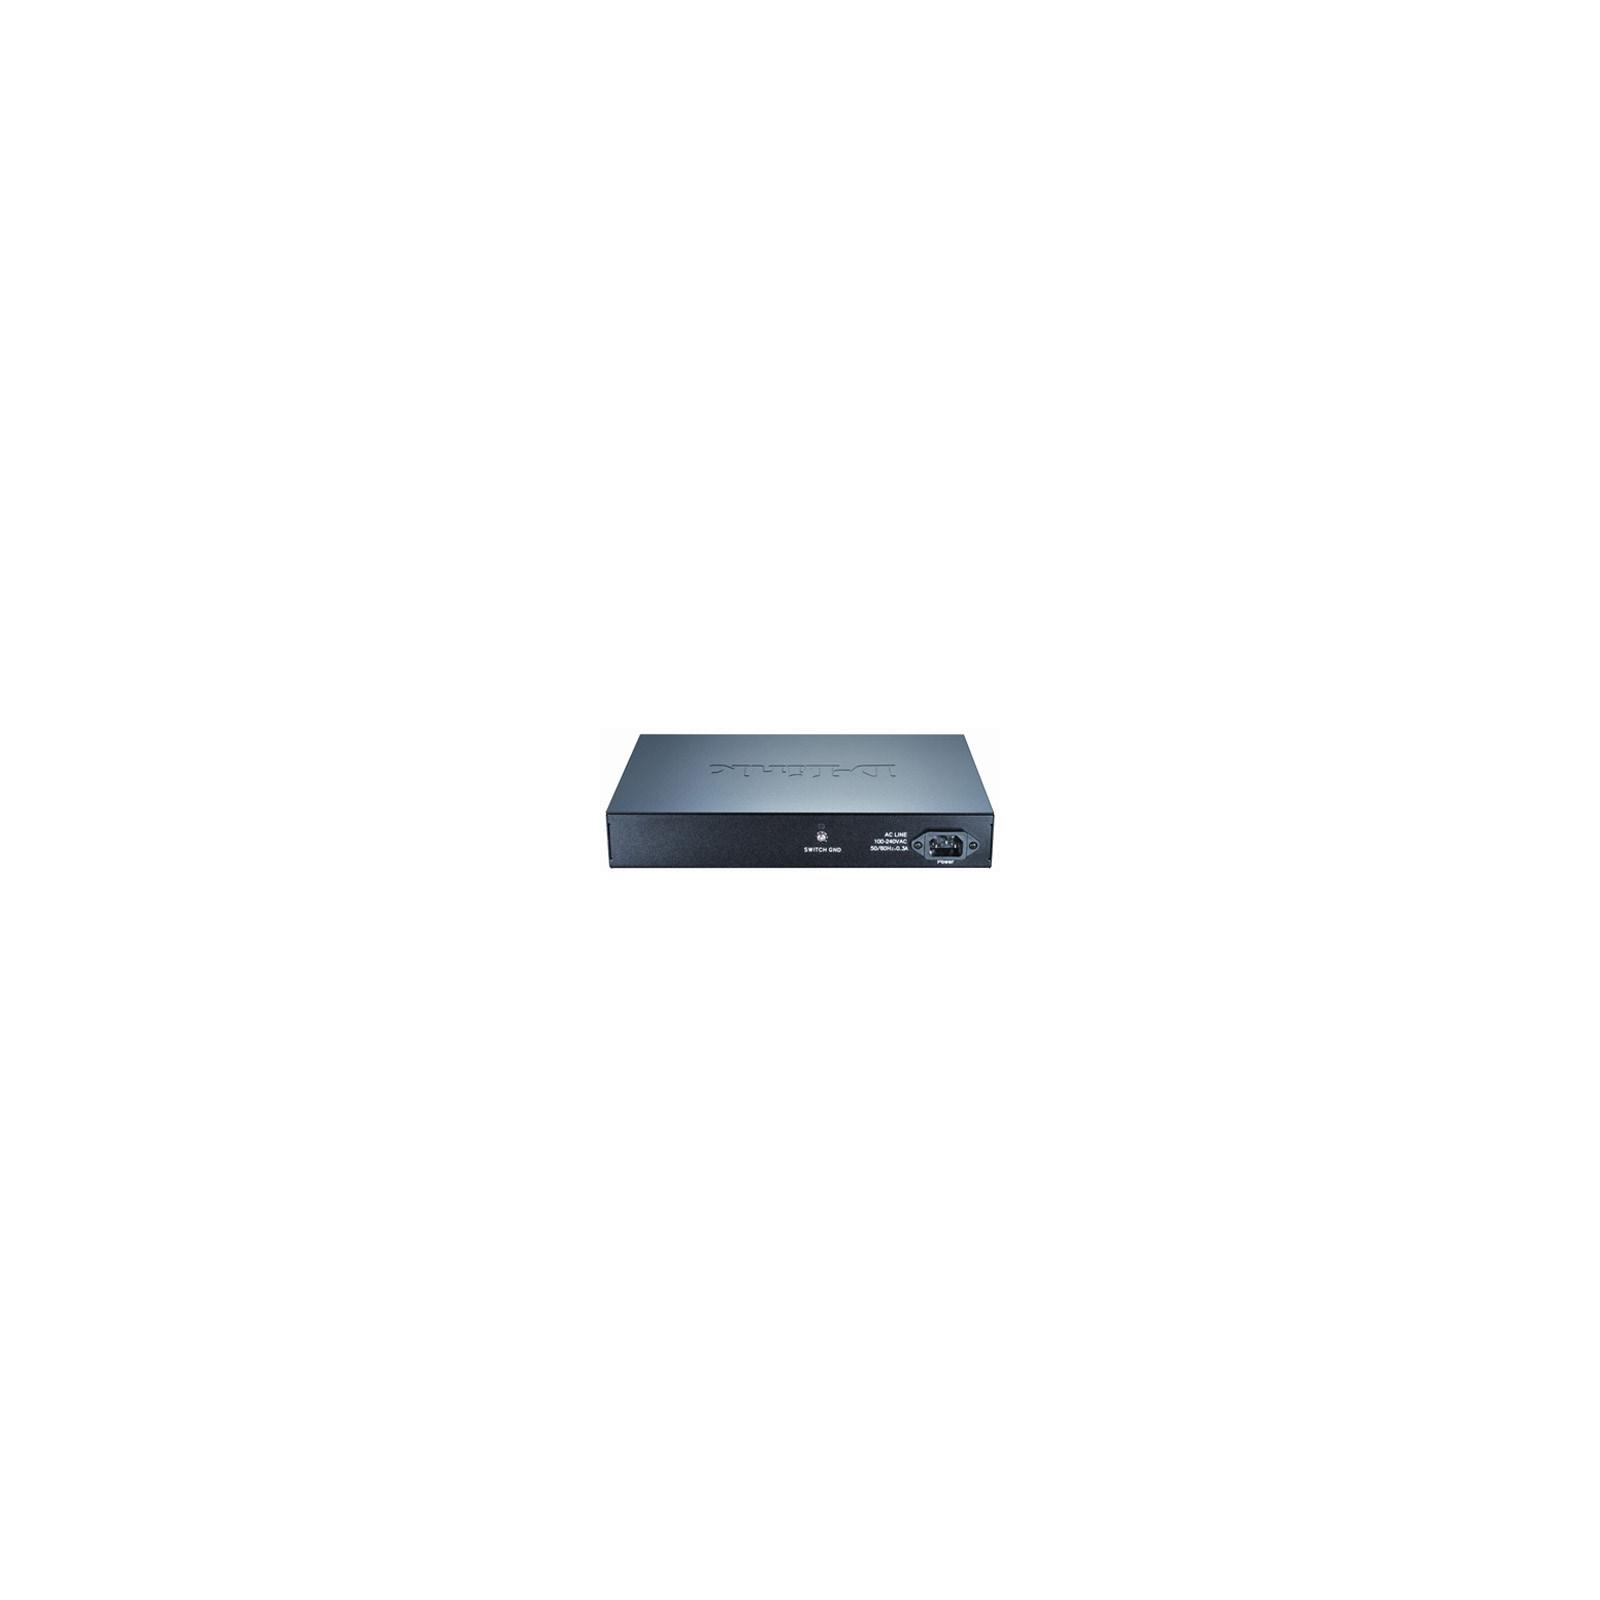 Коммутатор сетевой D-Link DGS-1100-16 изображение 2